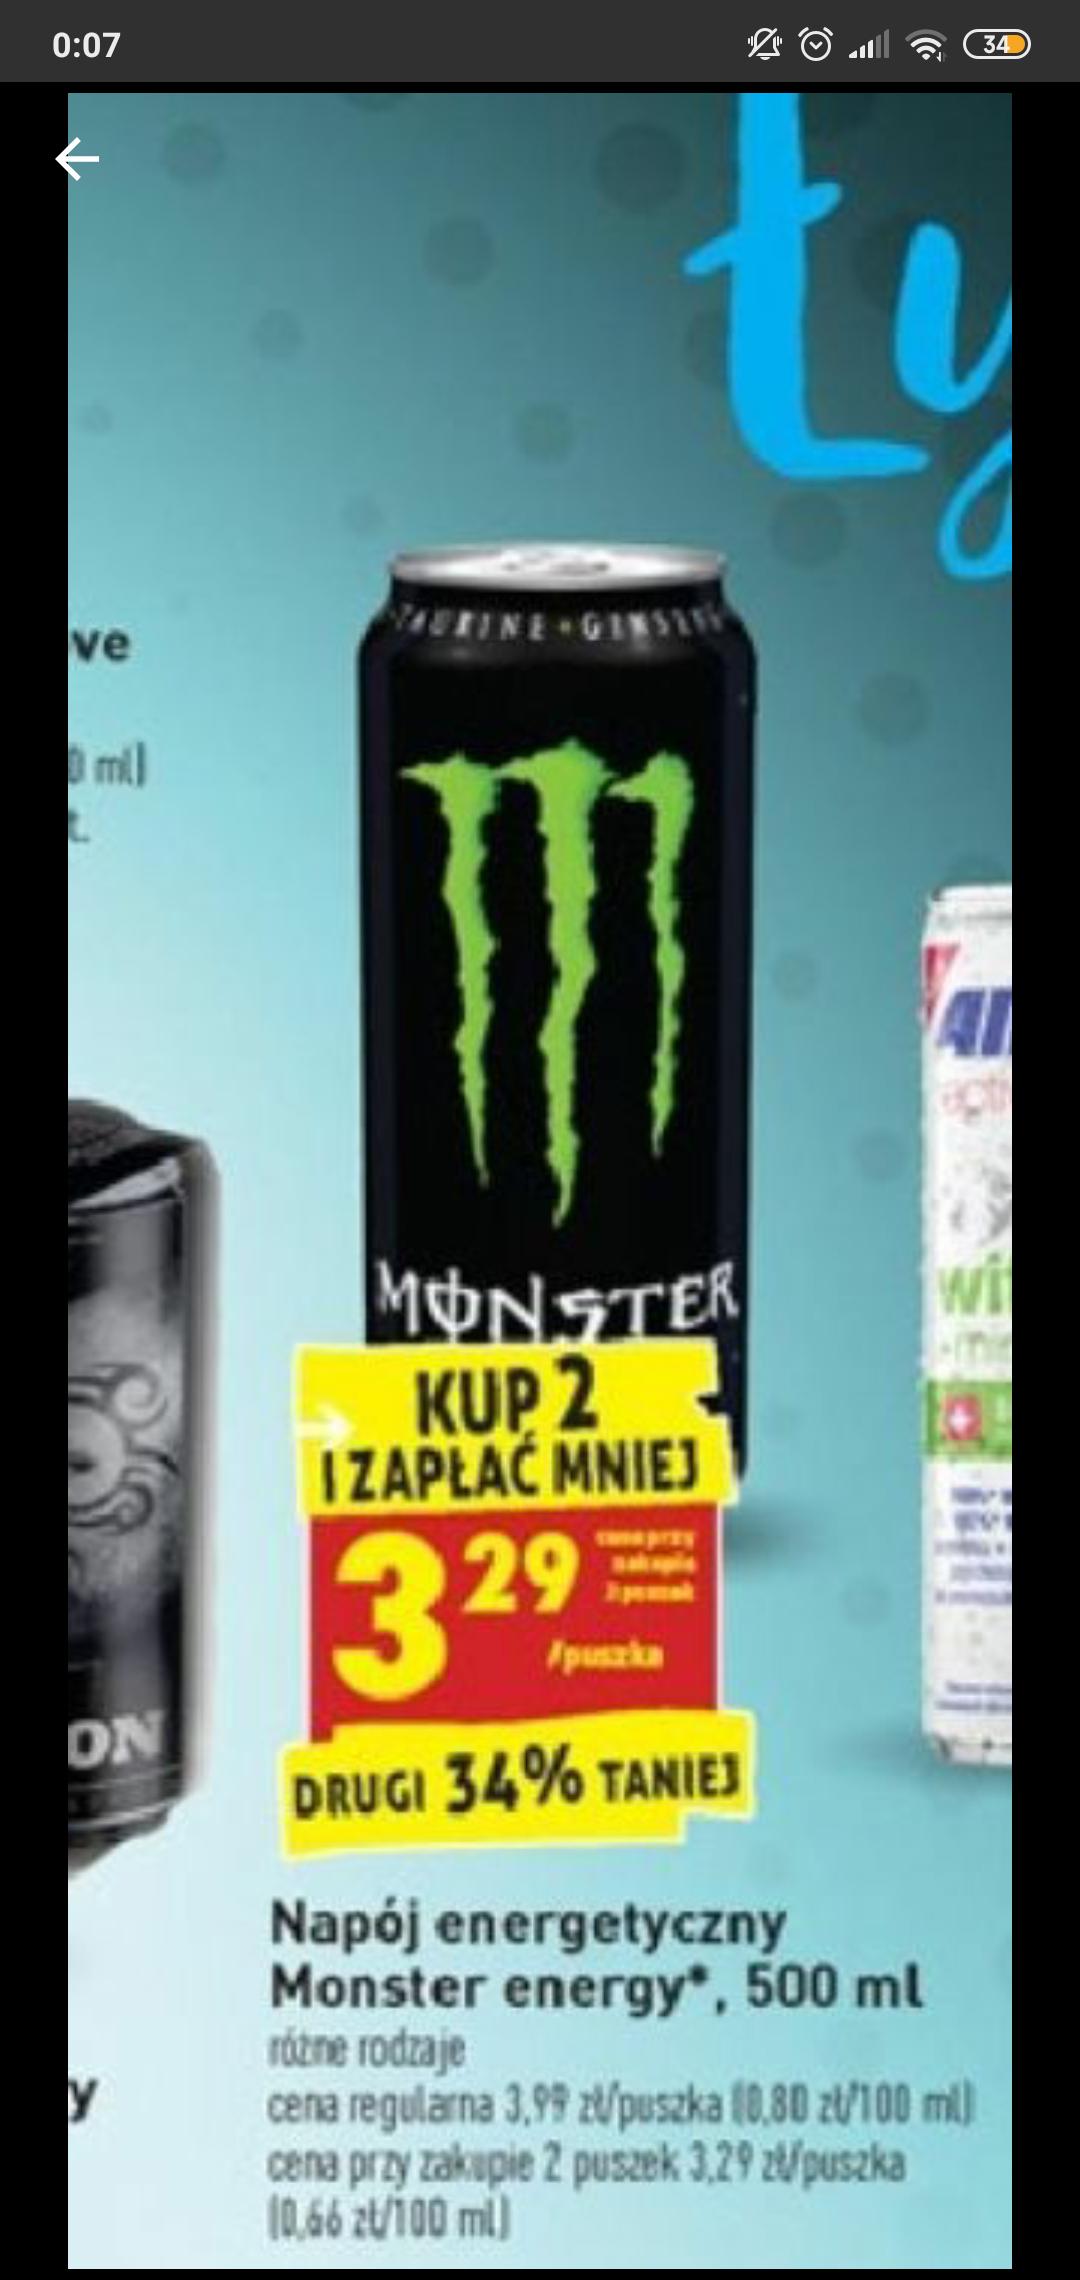 Monster Energy 3,29zł przy zakupie 2 puszek / Biedronka